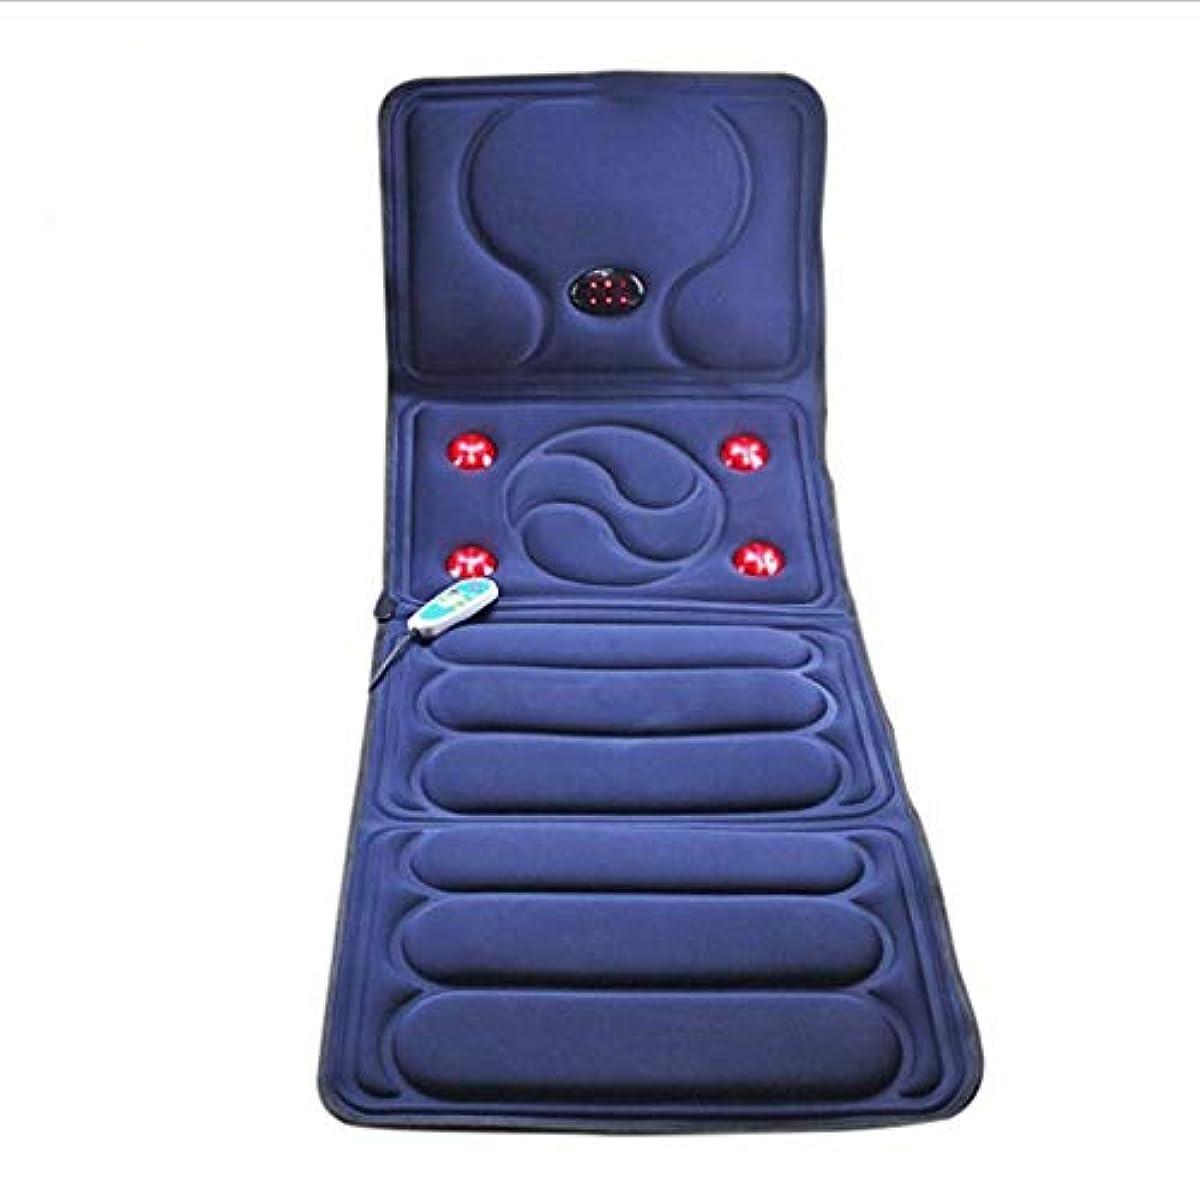 ワーム多年生期限切れ全身マットレス多機能温熱療法電気赤外線マッサージクッション折りたたみ式身体振動健康理学療法マッサージャー165 * 60 CM,ブルー